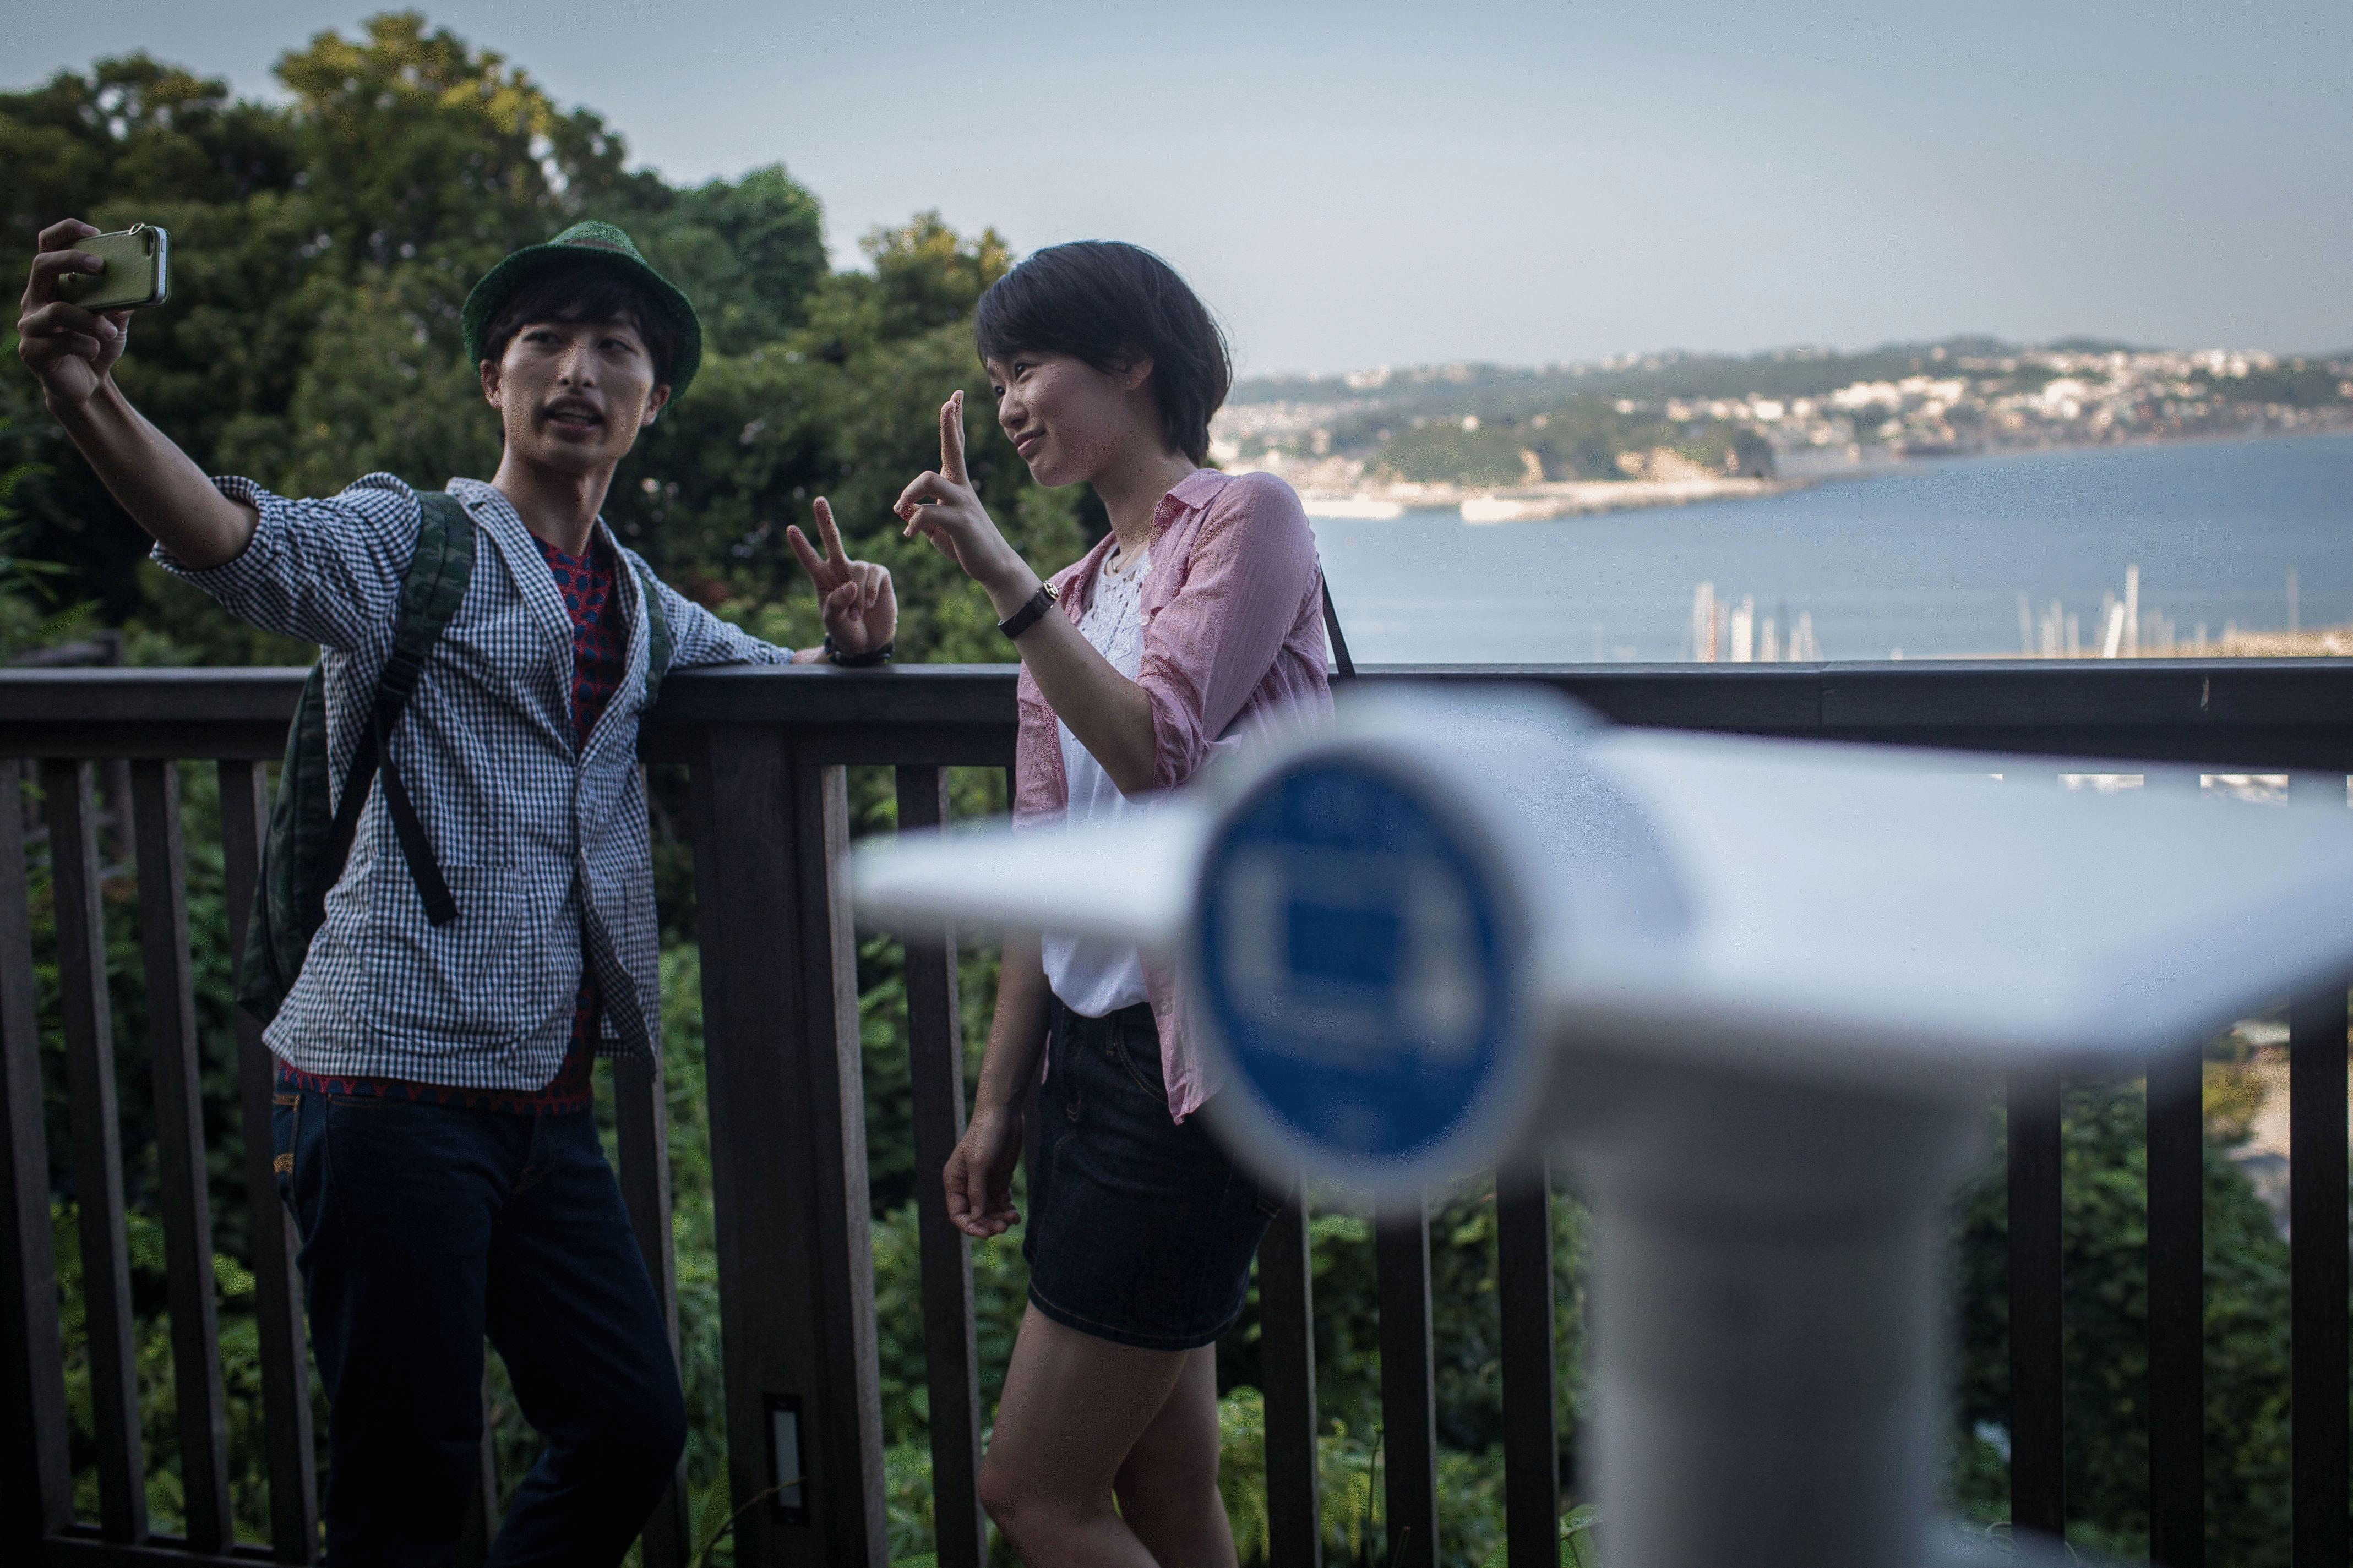 Este es el país con más solteros y vírgenes en el mundo